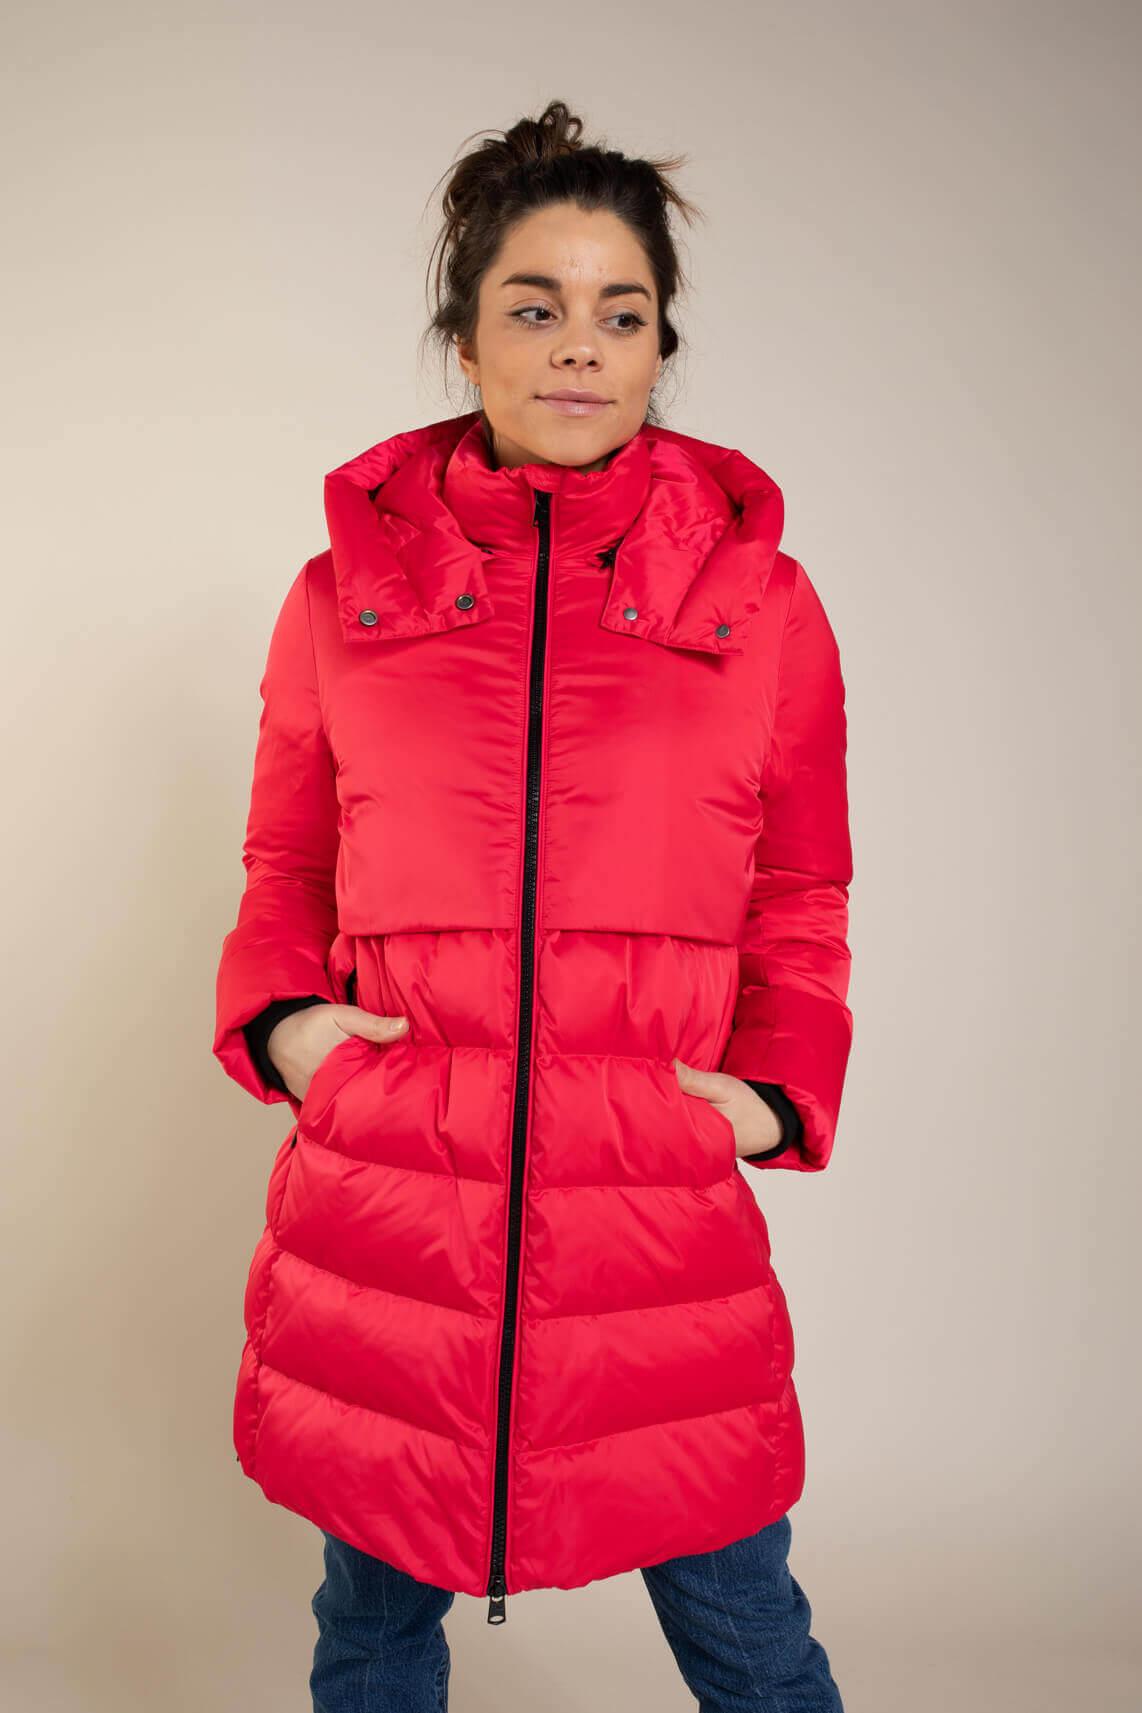 Beaumont Dames Opvallende jas roze